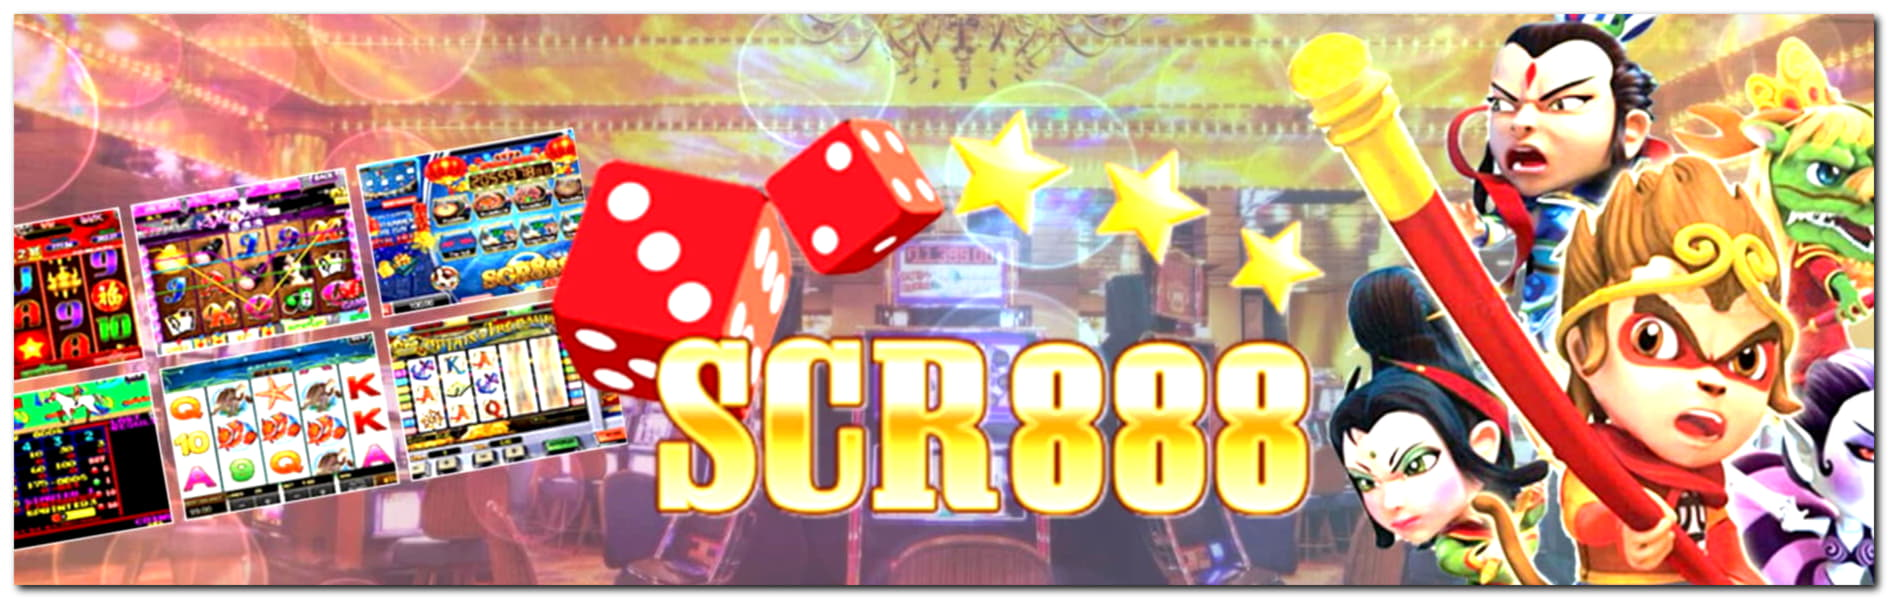 スピンパレスカジノのEUR 305無料カジノチップ